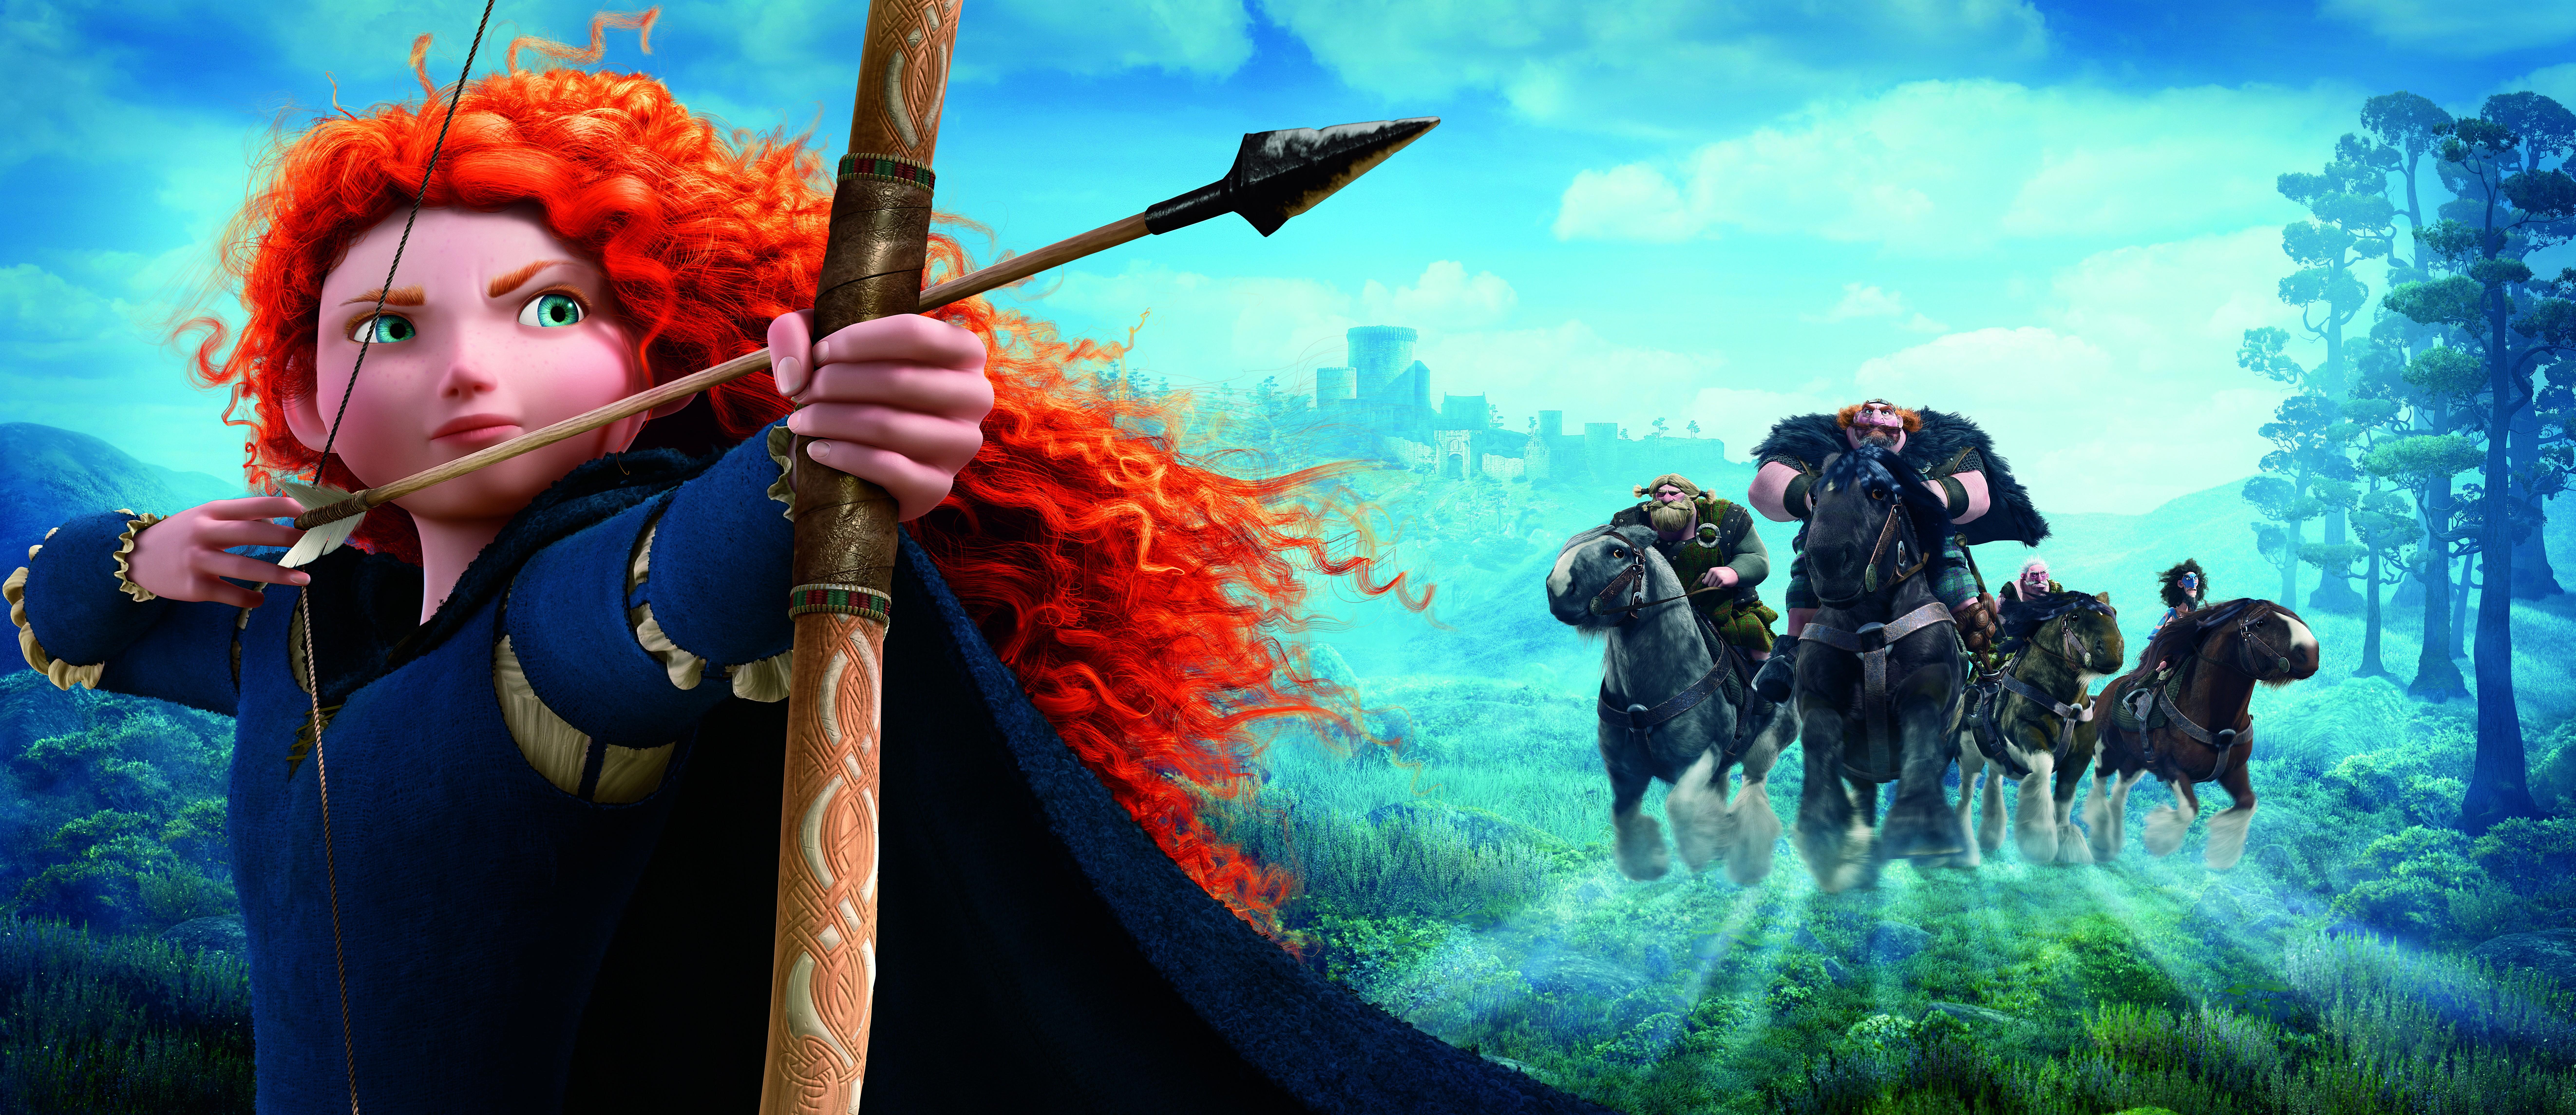 плакат фильма баннер textless Храбрая сердцем